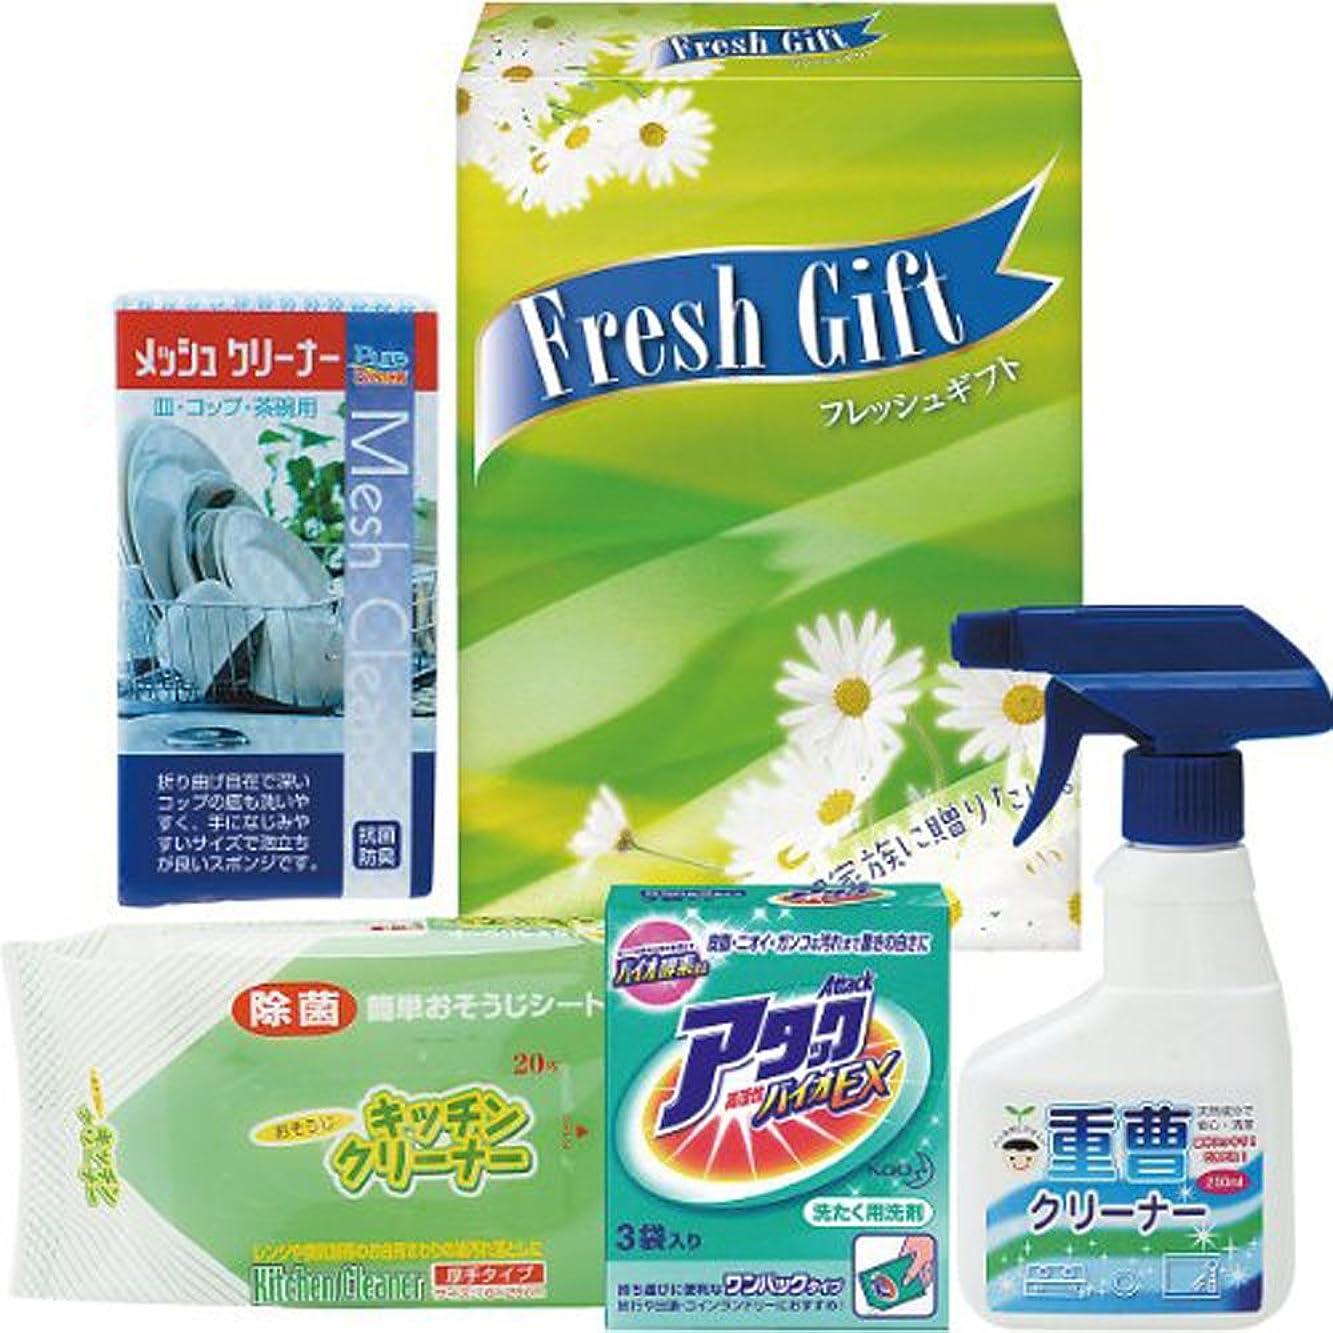 ピカソエミュレーション避けられないnobrand アタック&フレッシュボックス 石鹸 (G-10R)